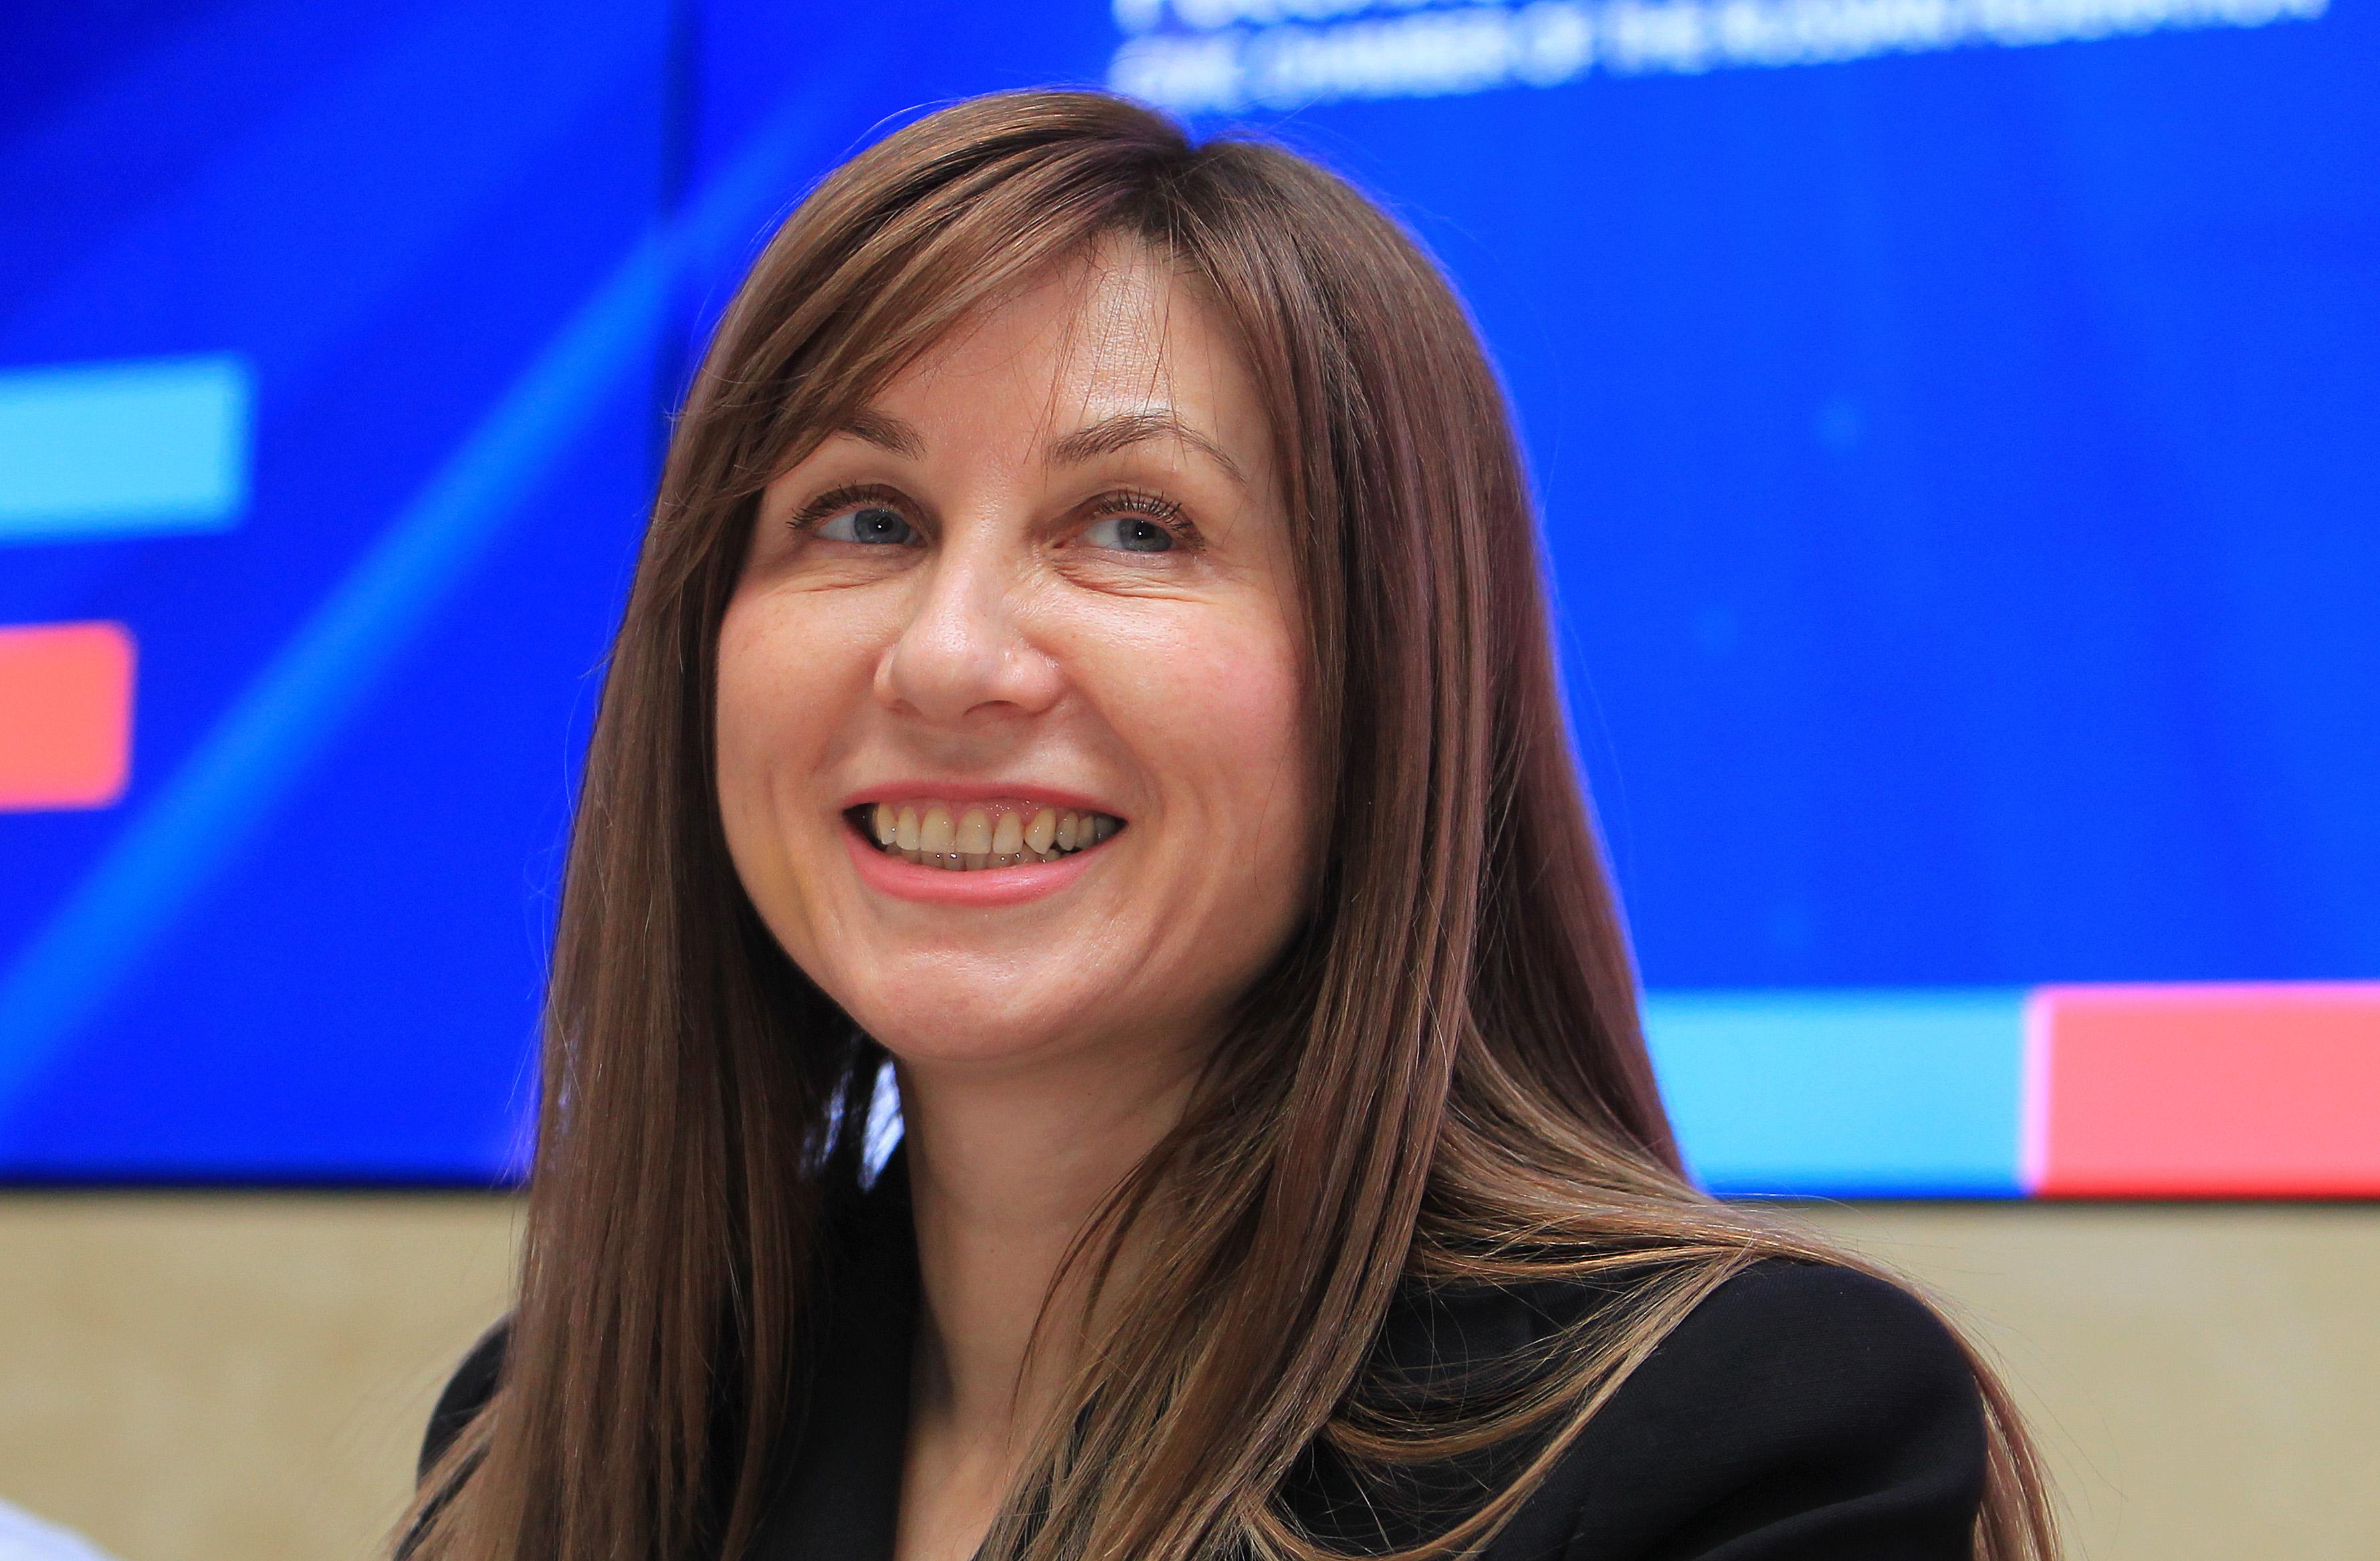 Депутат МГД Лариса Картавцева: Вакцинация против коронавируса в столице набирает обороты